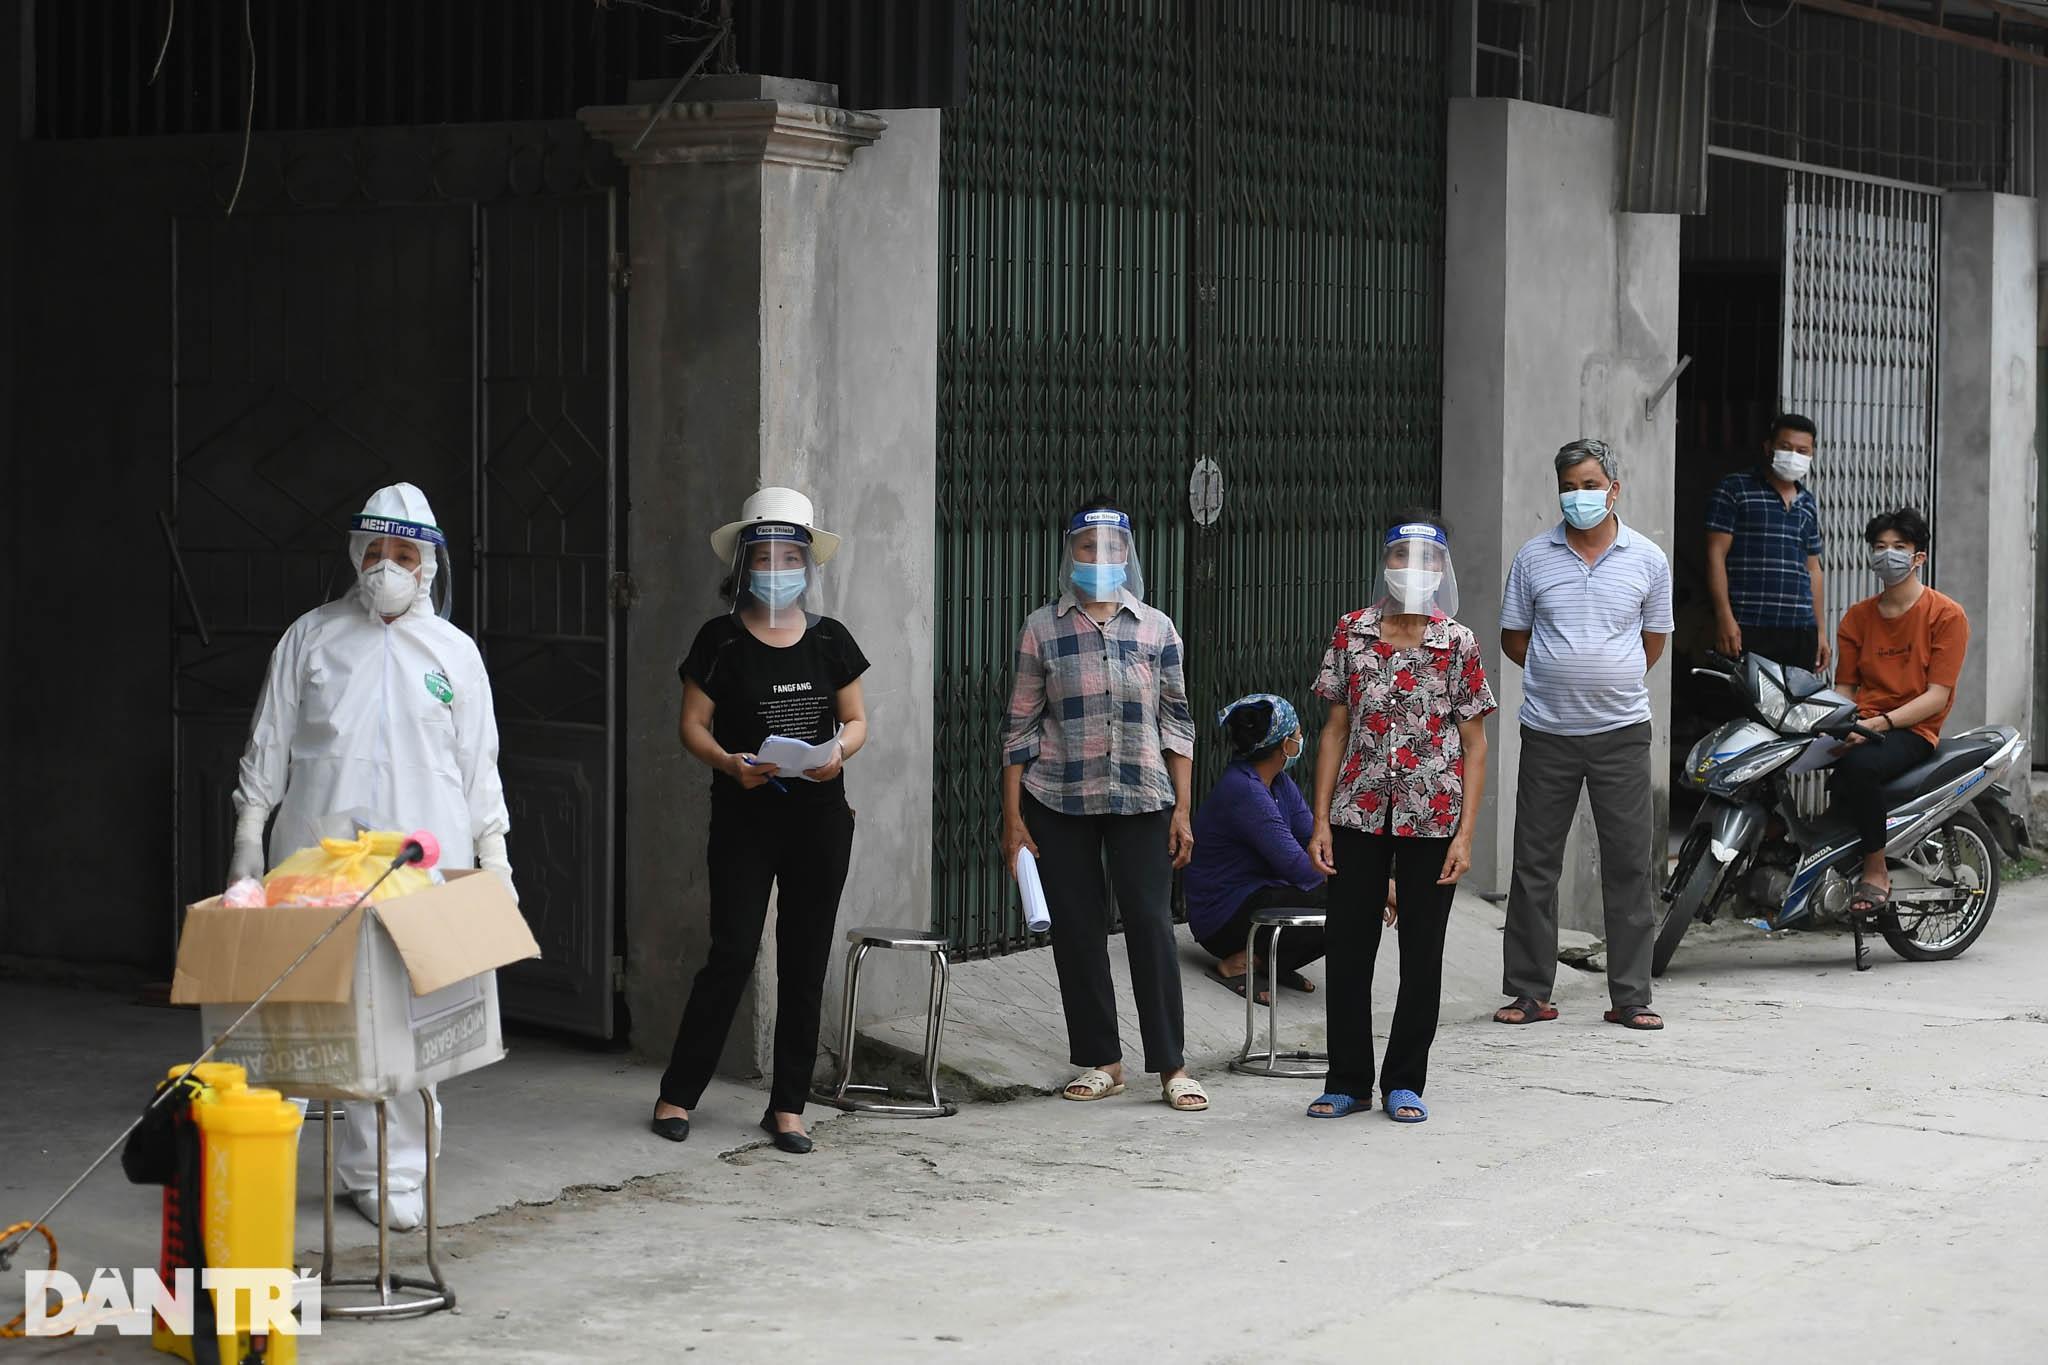 Cuộc sống người dân khu dân cư cách ly ở Hà Nội: 'Cầu trời cho dịch bệnh qua nhanh để mọi thứ trở lại bình thường'